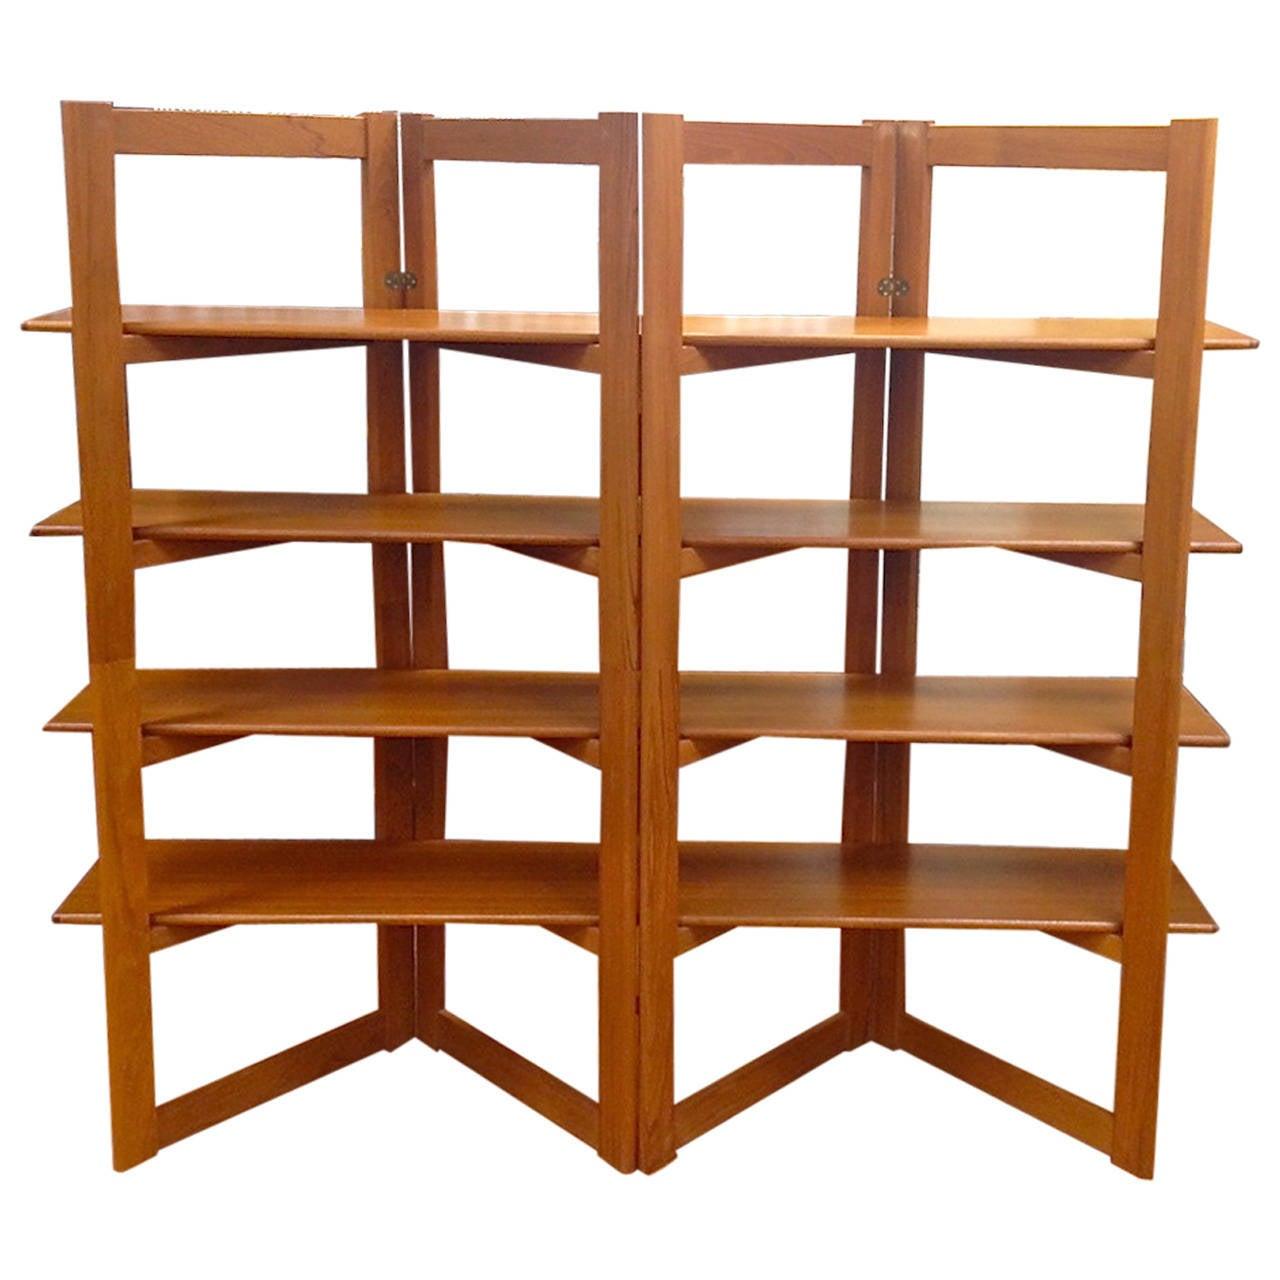 Danish Modern Teak Freestanding Room Divider Bookshelf At